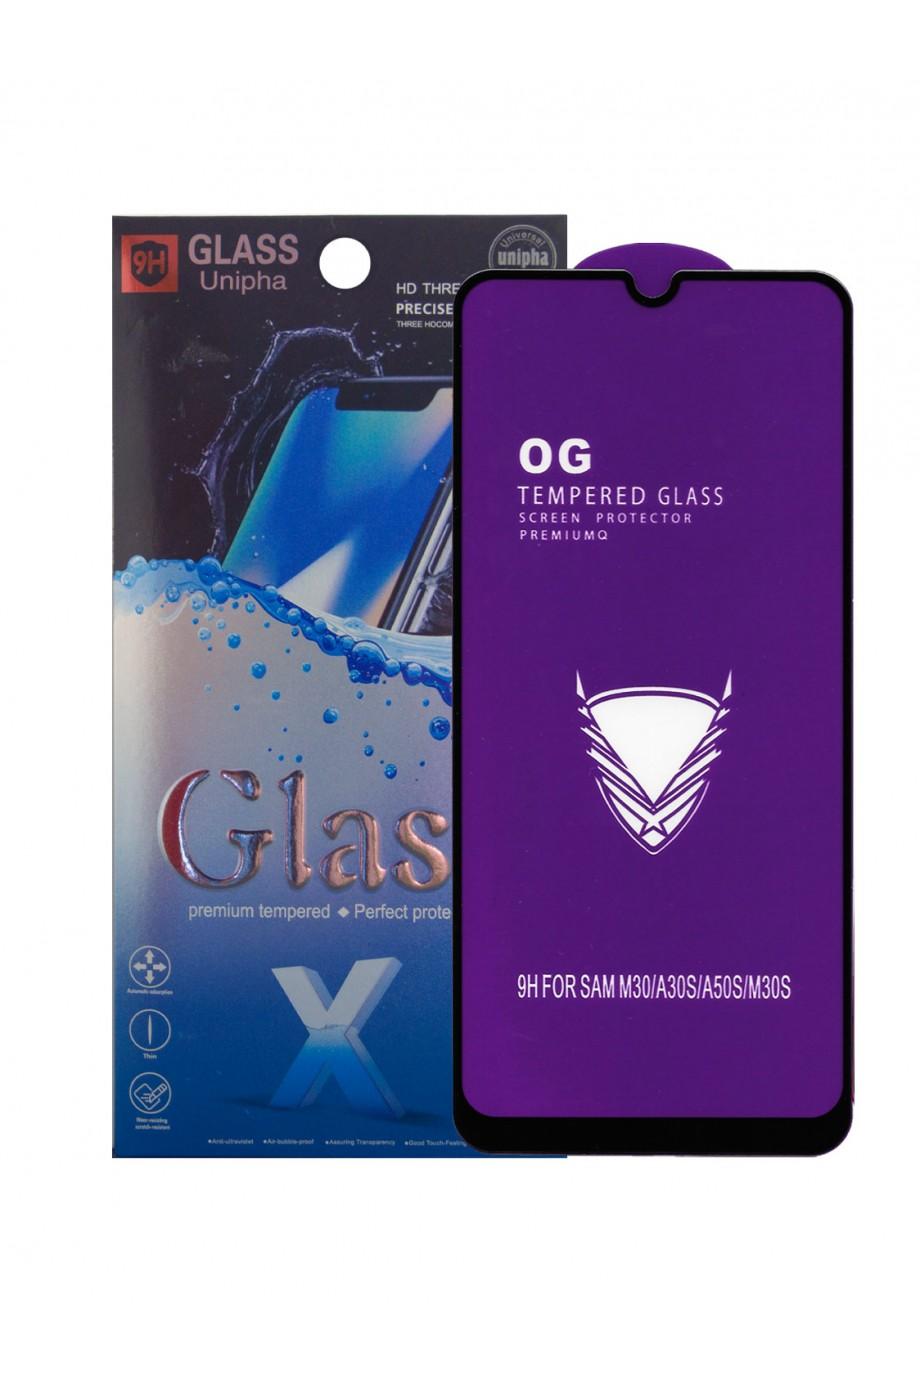 Защитное стекло 5D Glass Unipha для Samsung Galaxy A30, OG series, черная рамка, полный клей, mk064